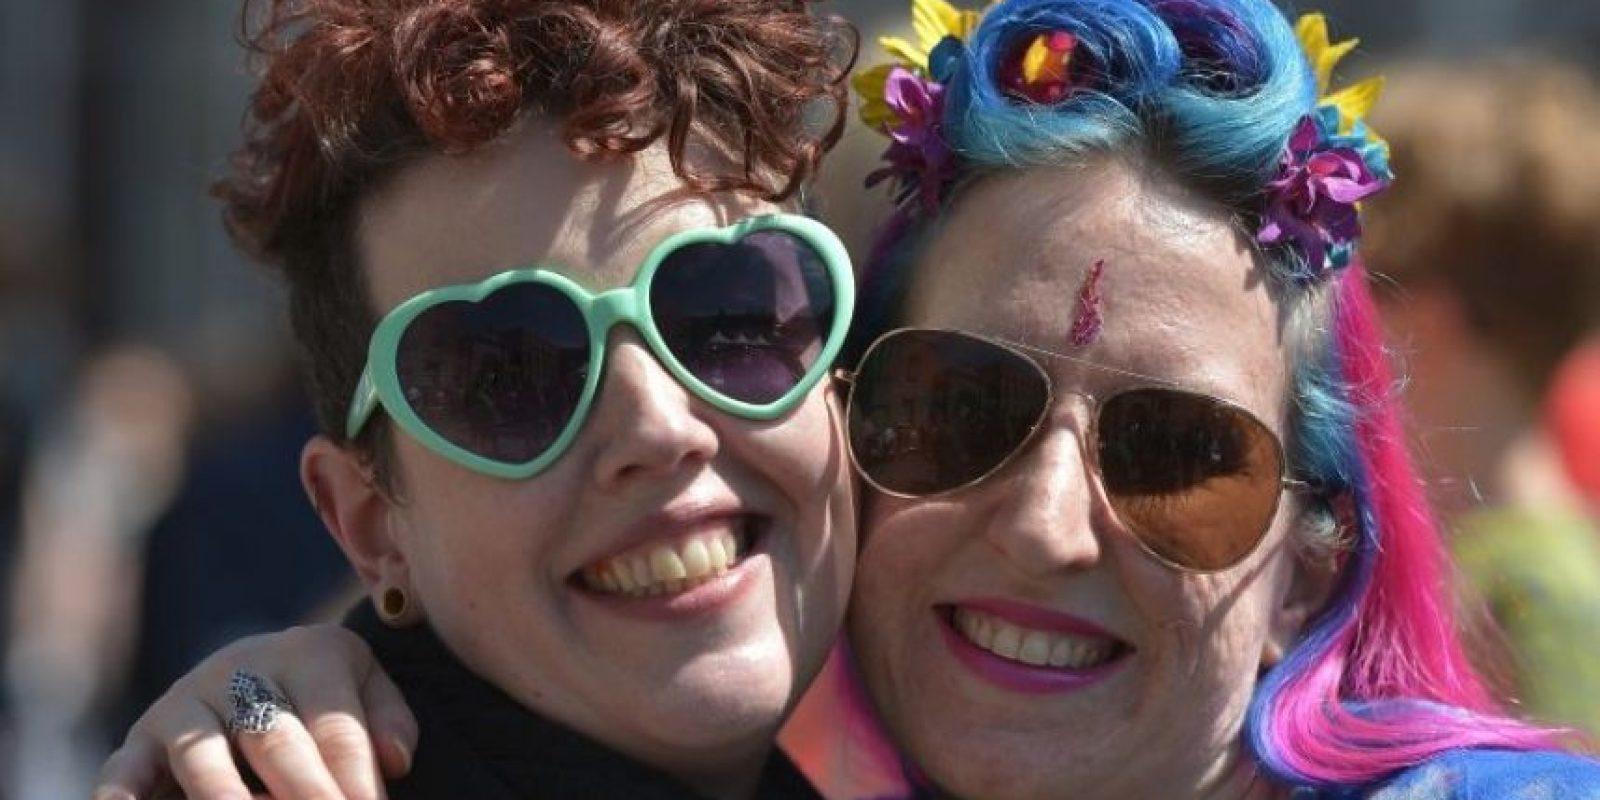 El matrimonio entre personas del mismo sexo es permitido en el resto del país, desde el 13 de marzo de 2014. Foto: Getty Images